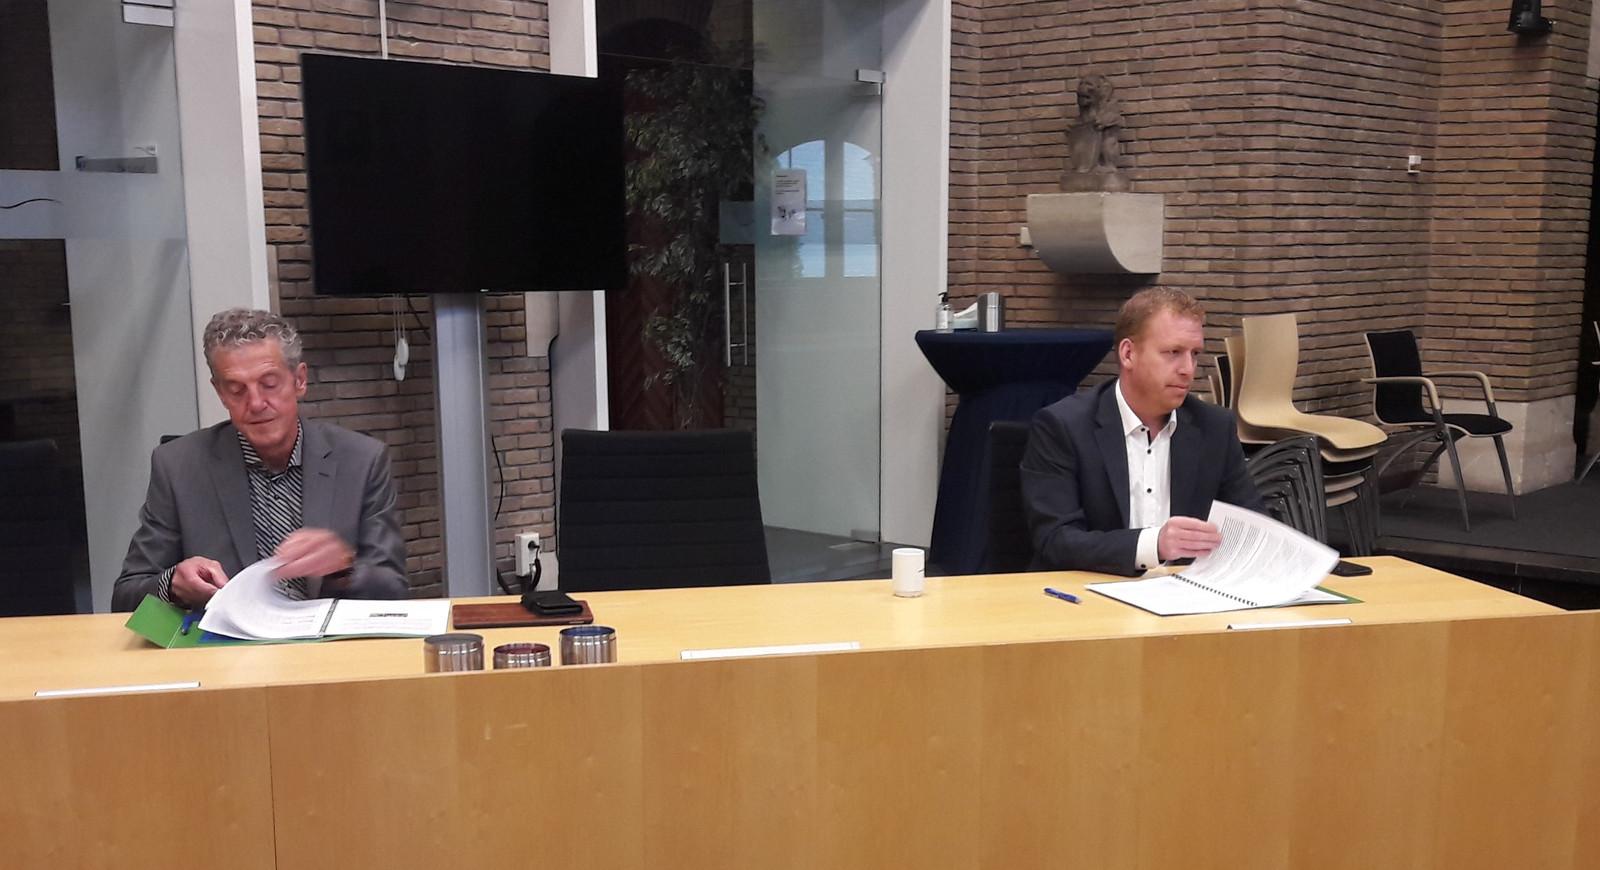 Leo Soffers (l) van scholenstichting OMO waaronder basisschool De Dobbelsteen in Hoogerheide valt en directeur Guus Haelermans van het ZuidWestHoek College in Ossendrecht zetten hun handtekening onder het meerjarige huisvestingsplan voor alle scholen in de gemeente Woensdrecht.